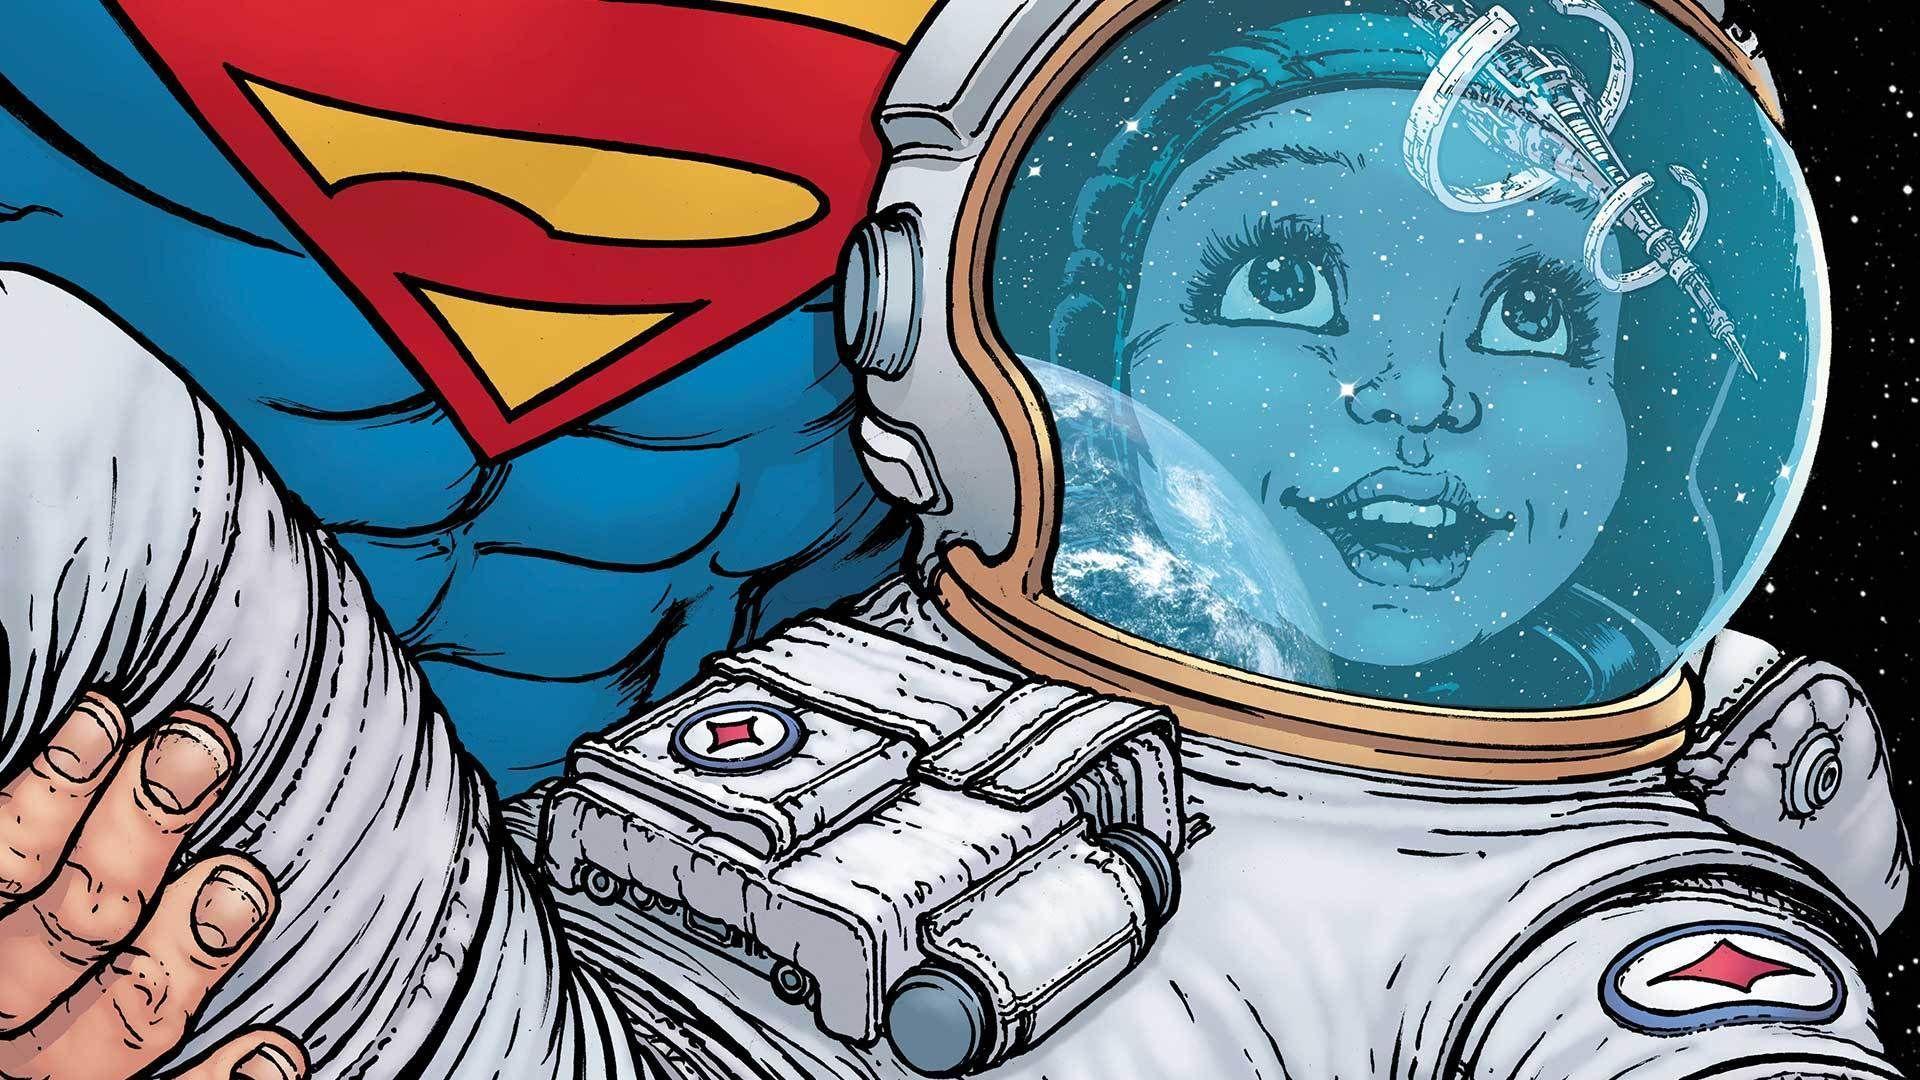 Comic Book full hd 1080p wallpaper